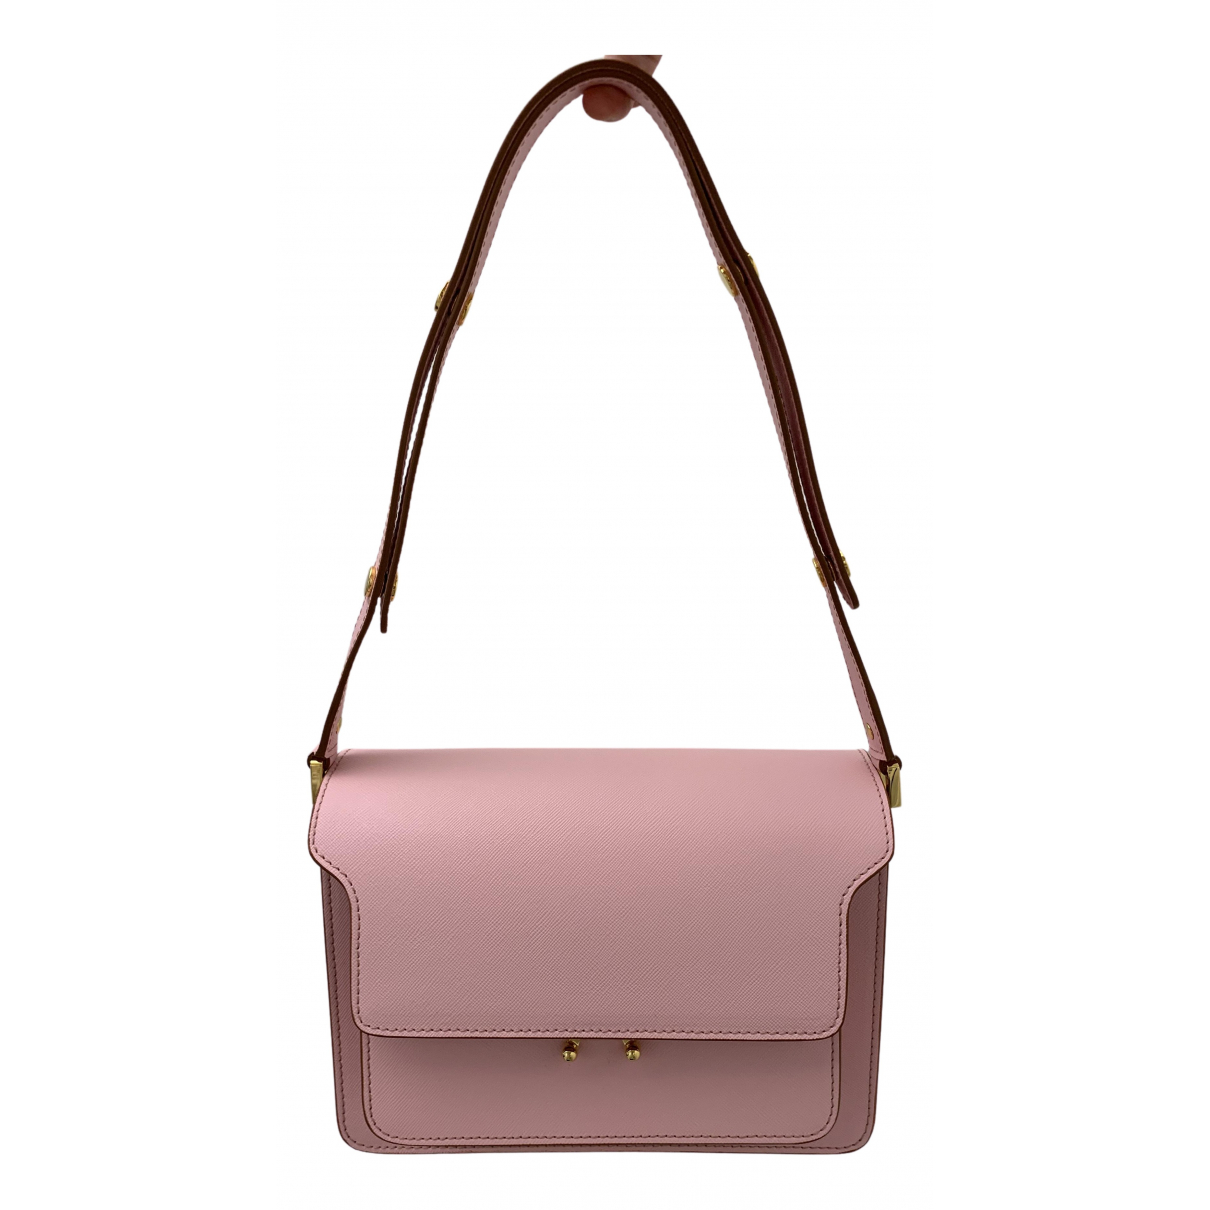 Marni Trunk Handtasche in  Rosa Leder